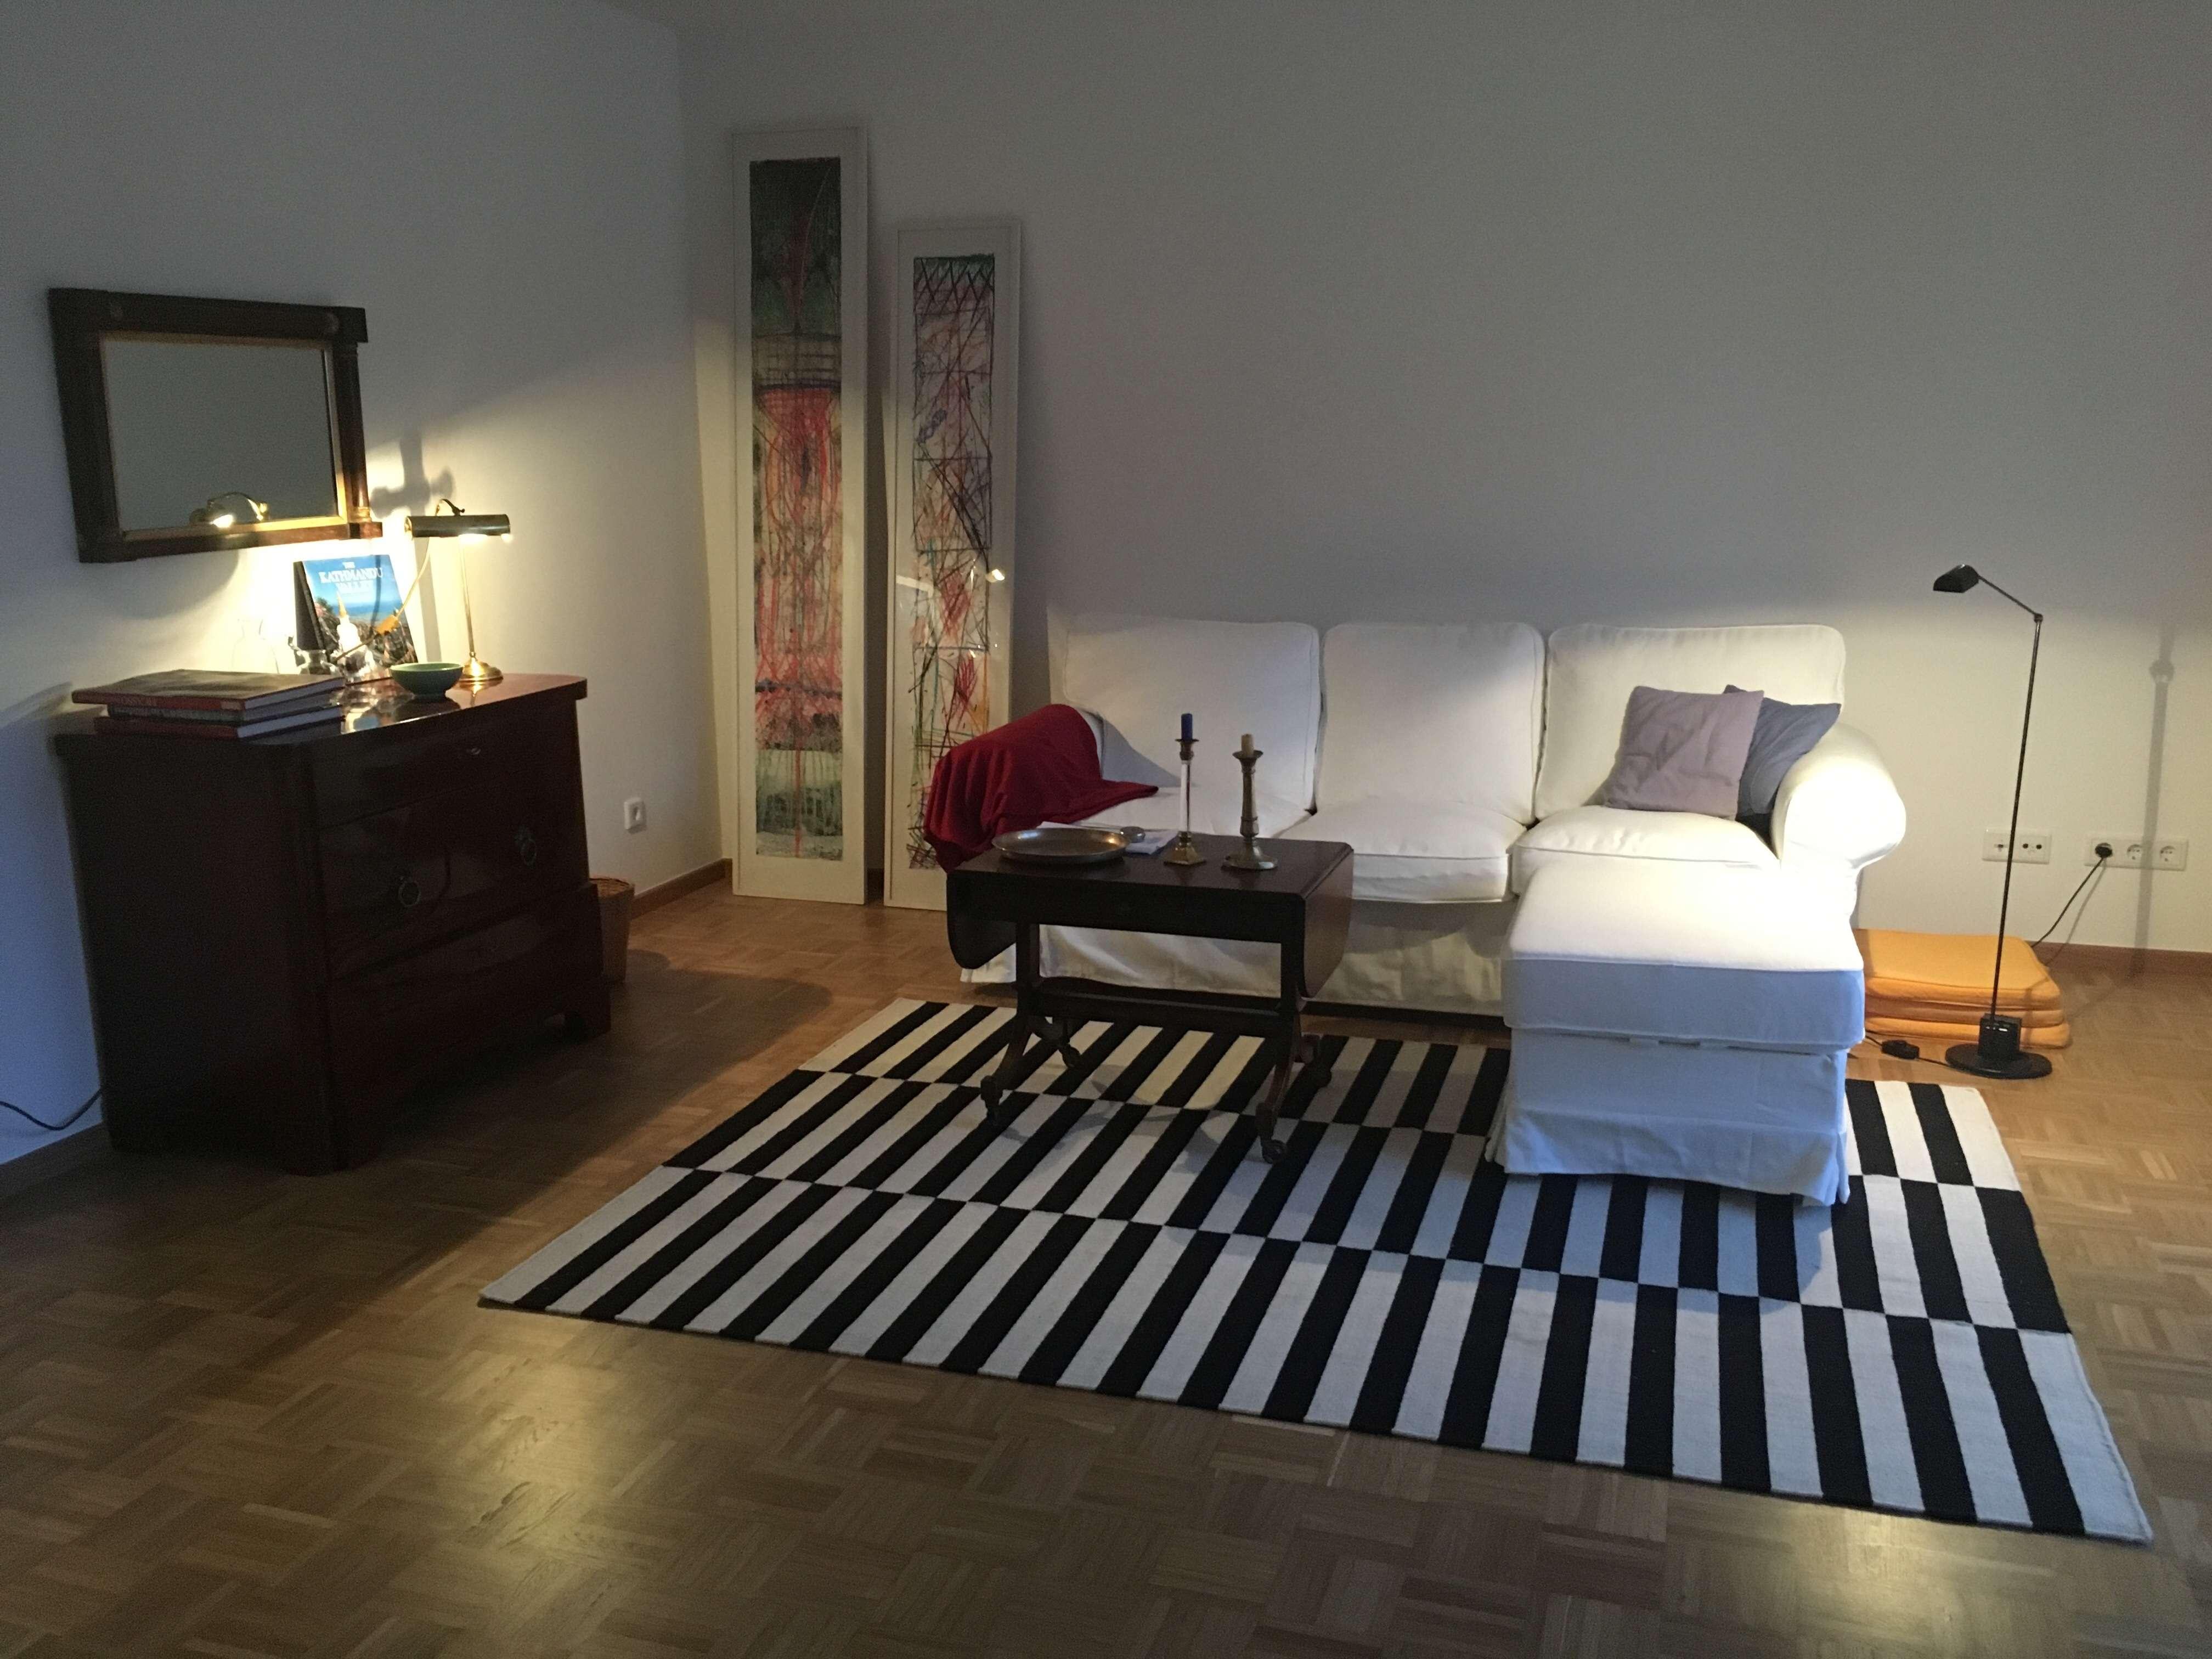 Möbliert: Wunderschöne, renovierte 3-Zi.-Wohnung in Schwabing in Schwabing (München)